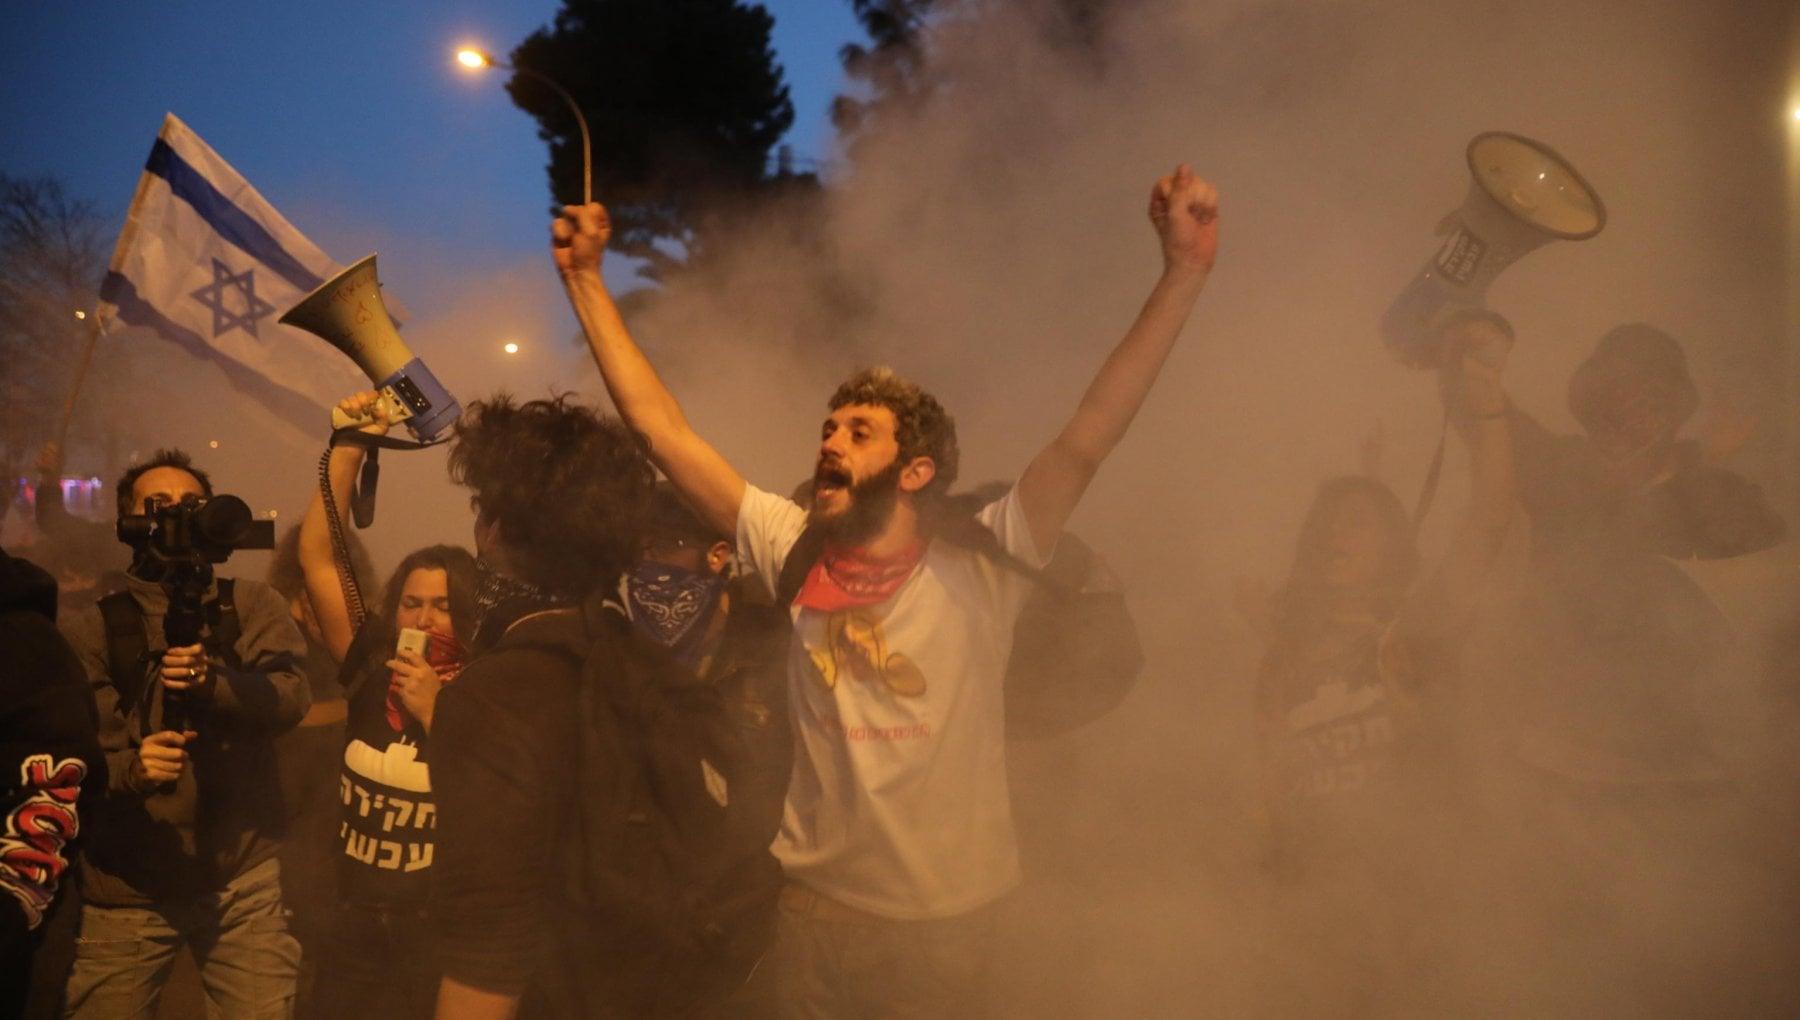 164633664 acf97a62 0b78 43fe 885c 3c84ec6956dd - Israele, i coloni ultras contro la polizia: le proteste infiammano la Cisgiordania